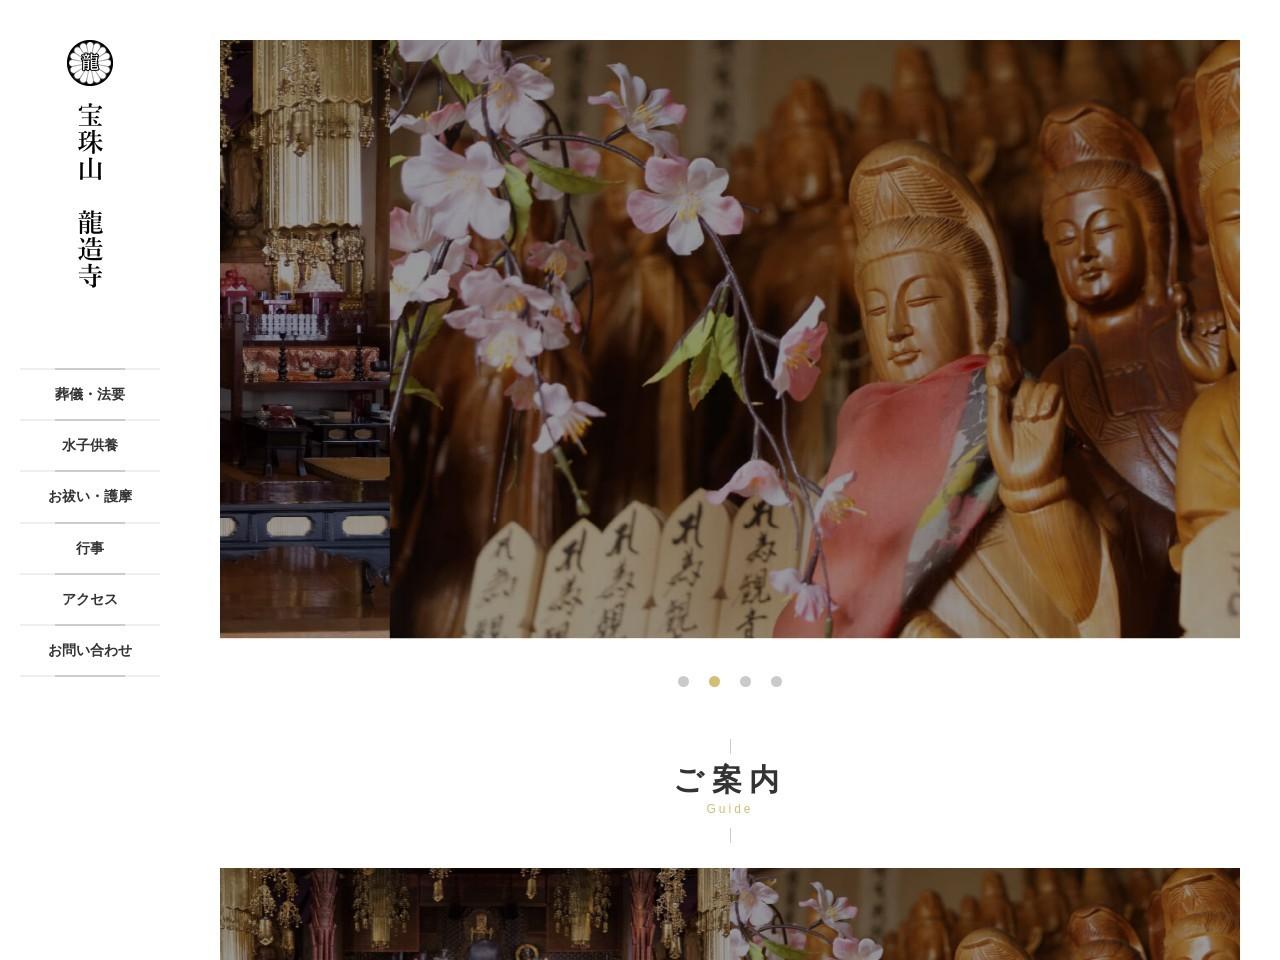 大本山龍造寺